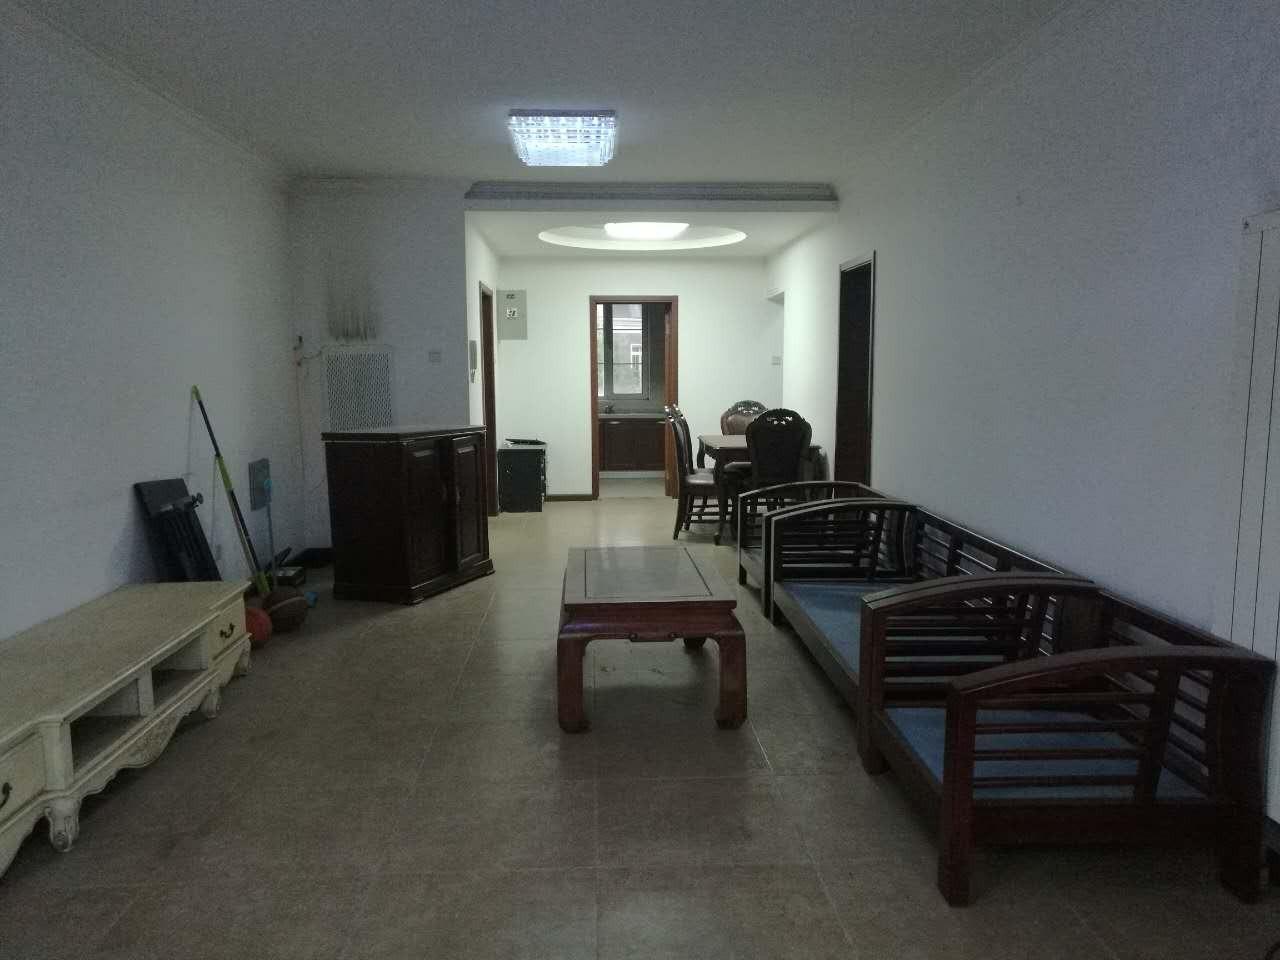 提香草堂 修正规两室两厅两卫位置不错前无遮挡难得的户型